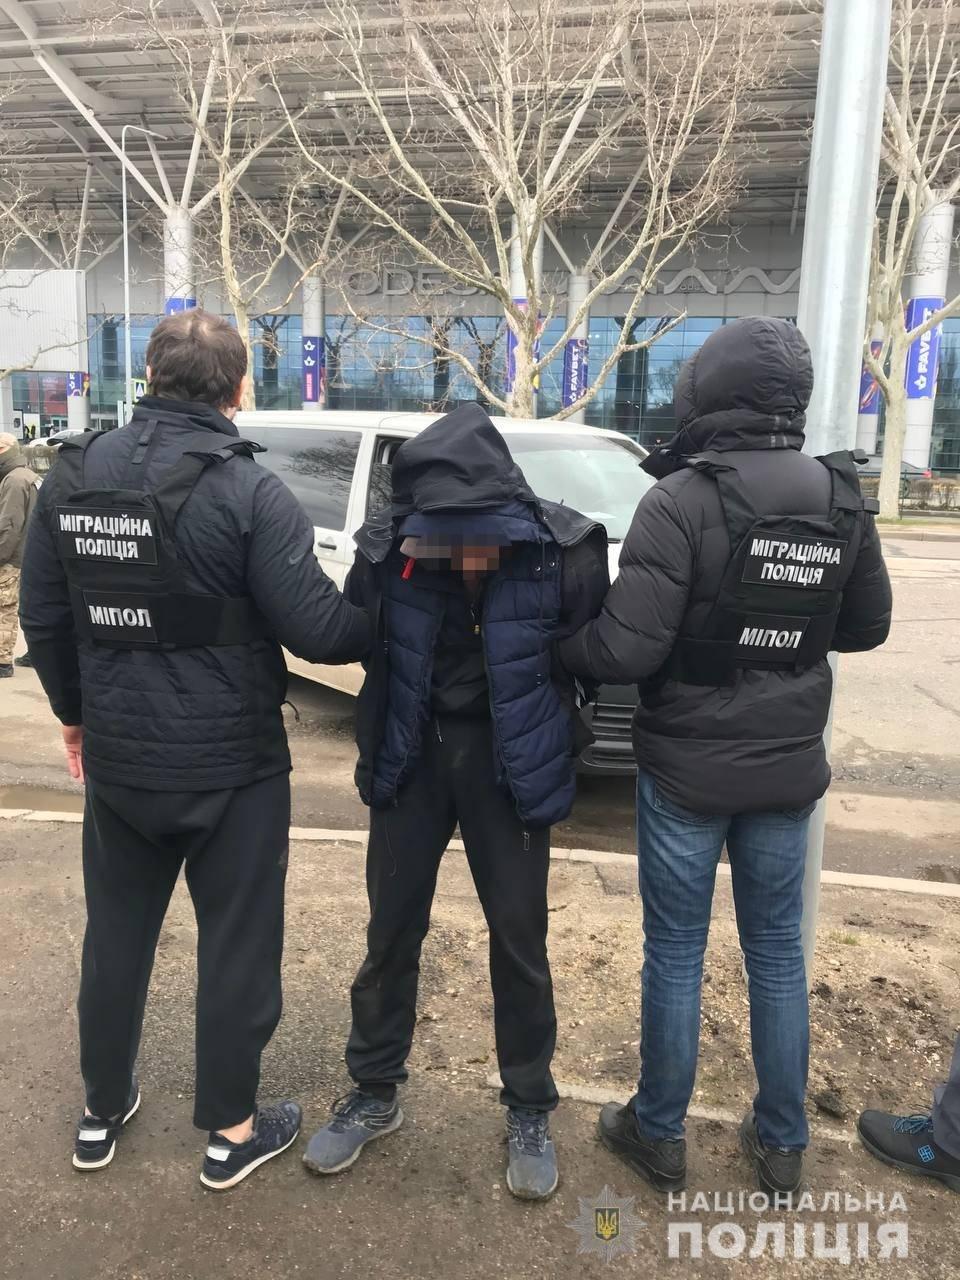 Задержание в одесском аэропорту: подозреваемый пытался вывезти в Турцию завербованных мужчин, фото-2